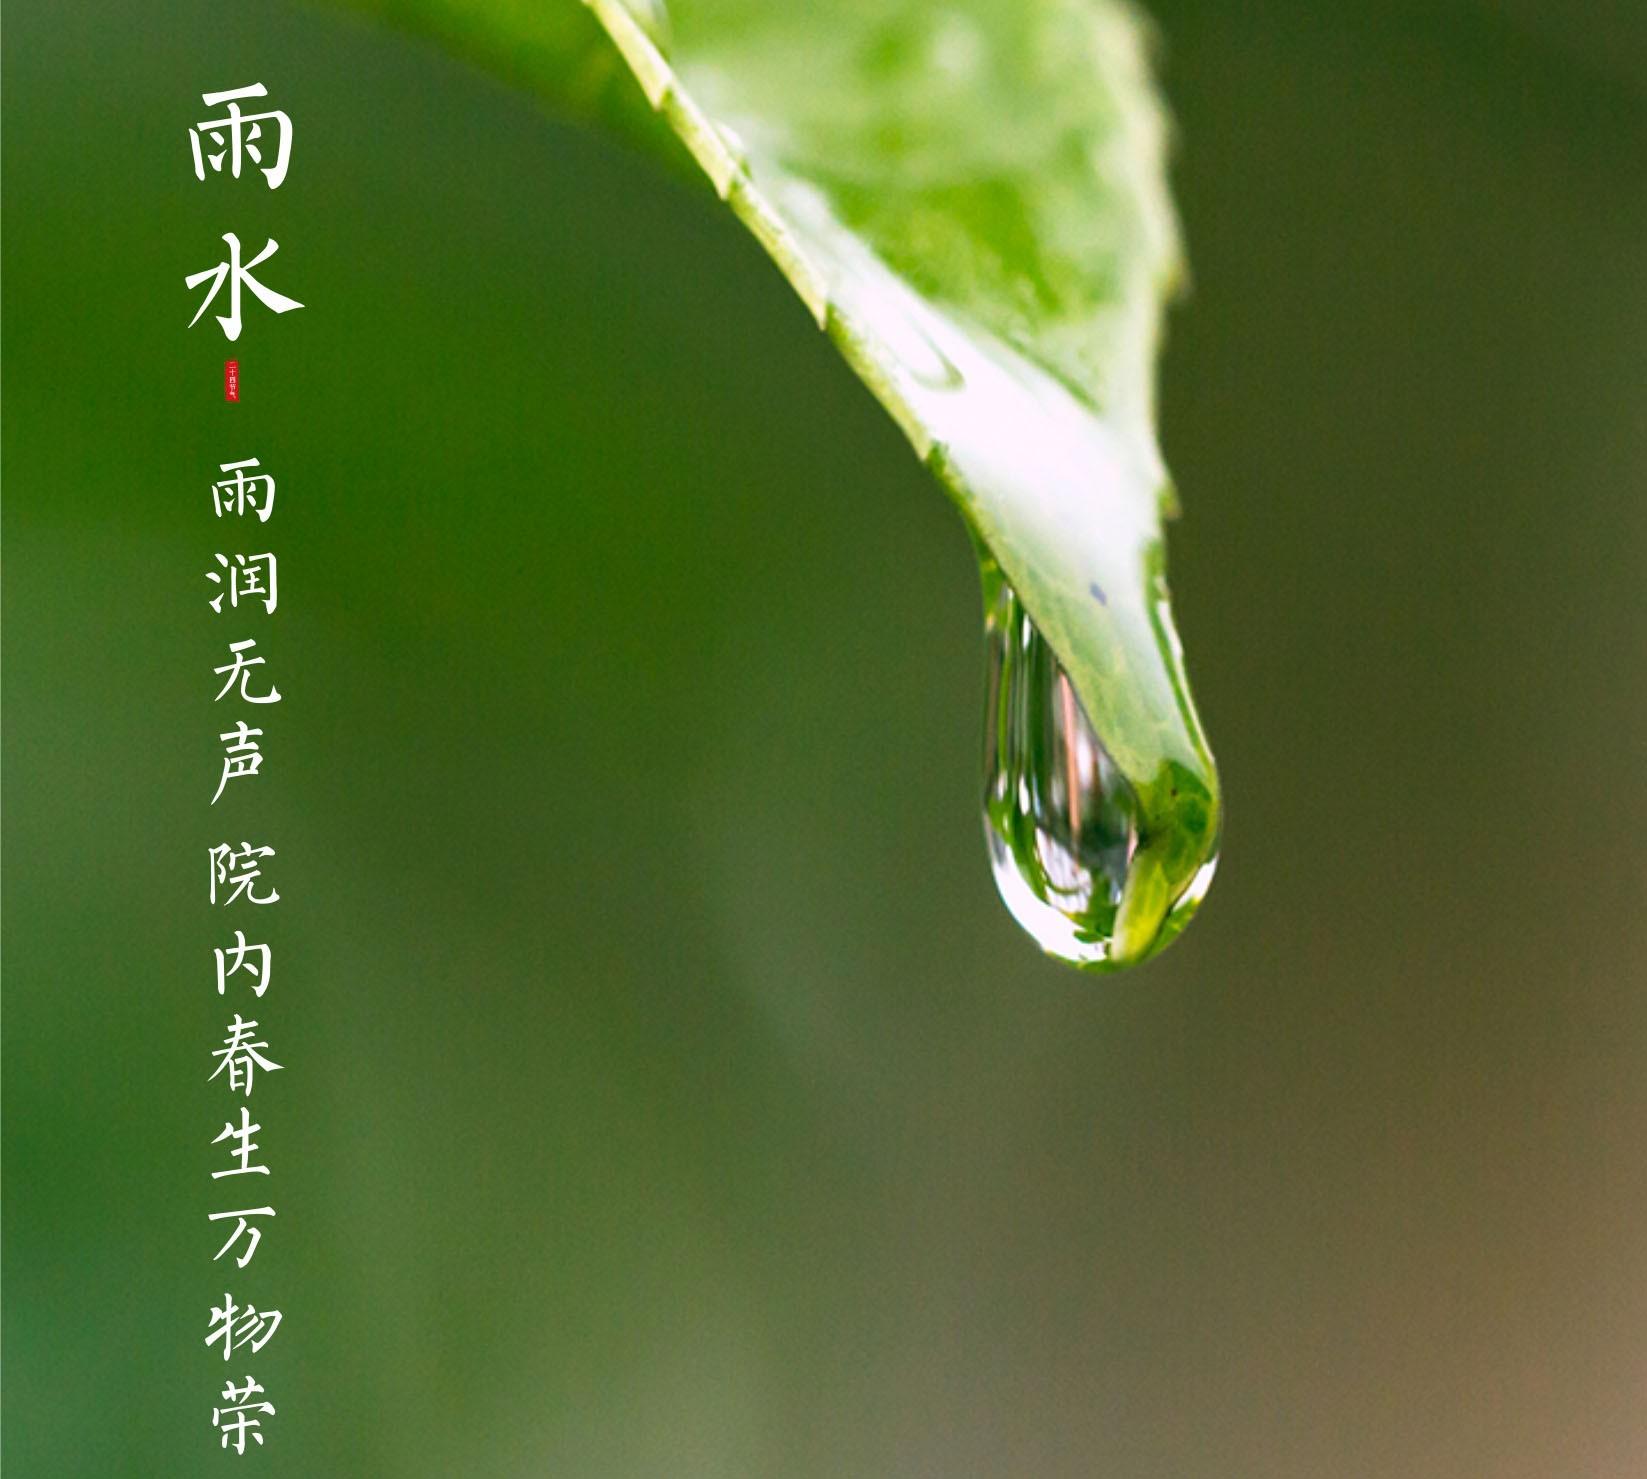 蓝城·桂林桃李春风丨雨润无声迎新春 院内萌生万物荣